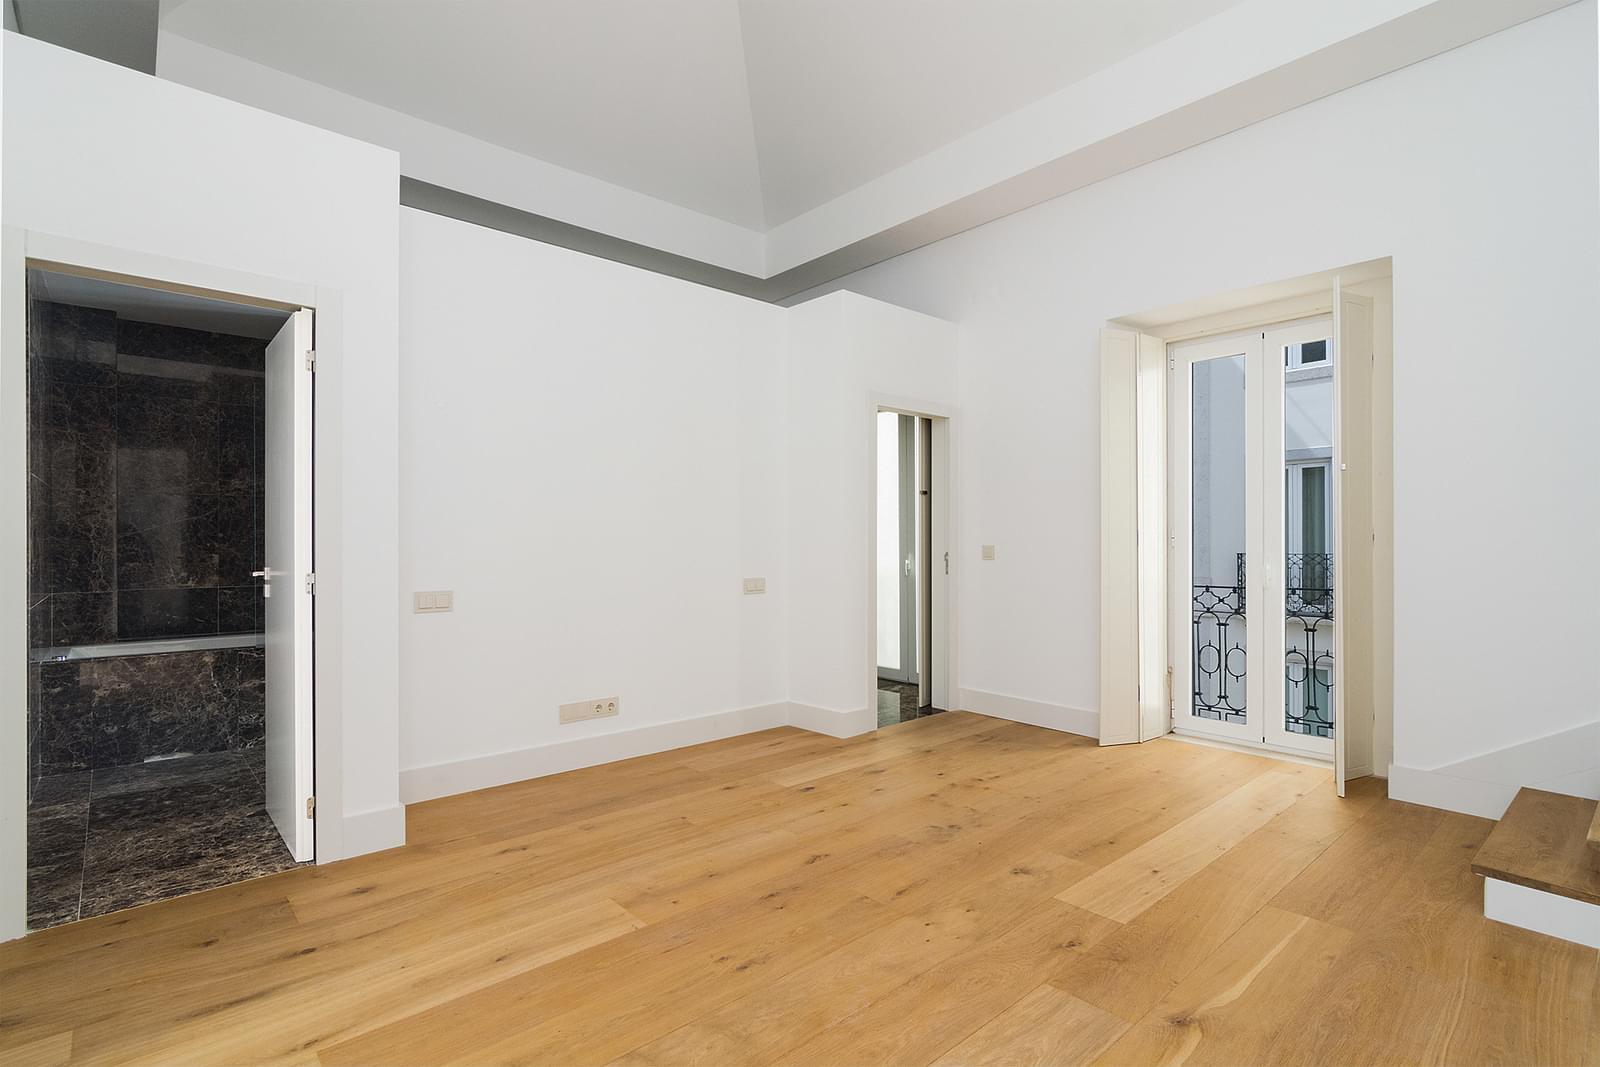 pf16887-apartamento-t5-lisboa-96138c44-8441-40f9-8ee9-60b6949a2cb5